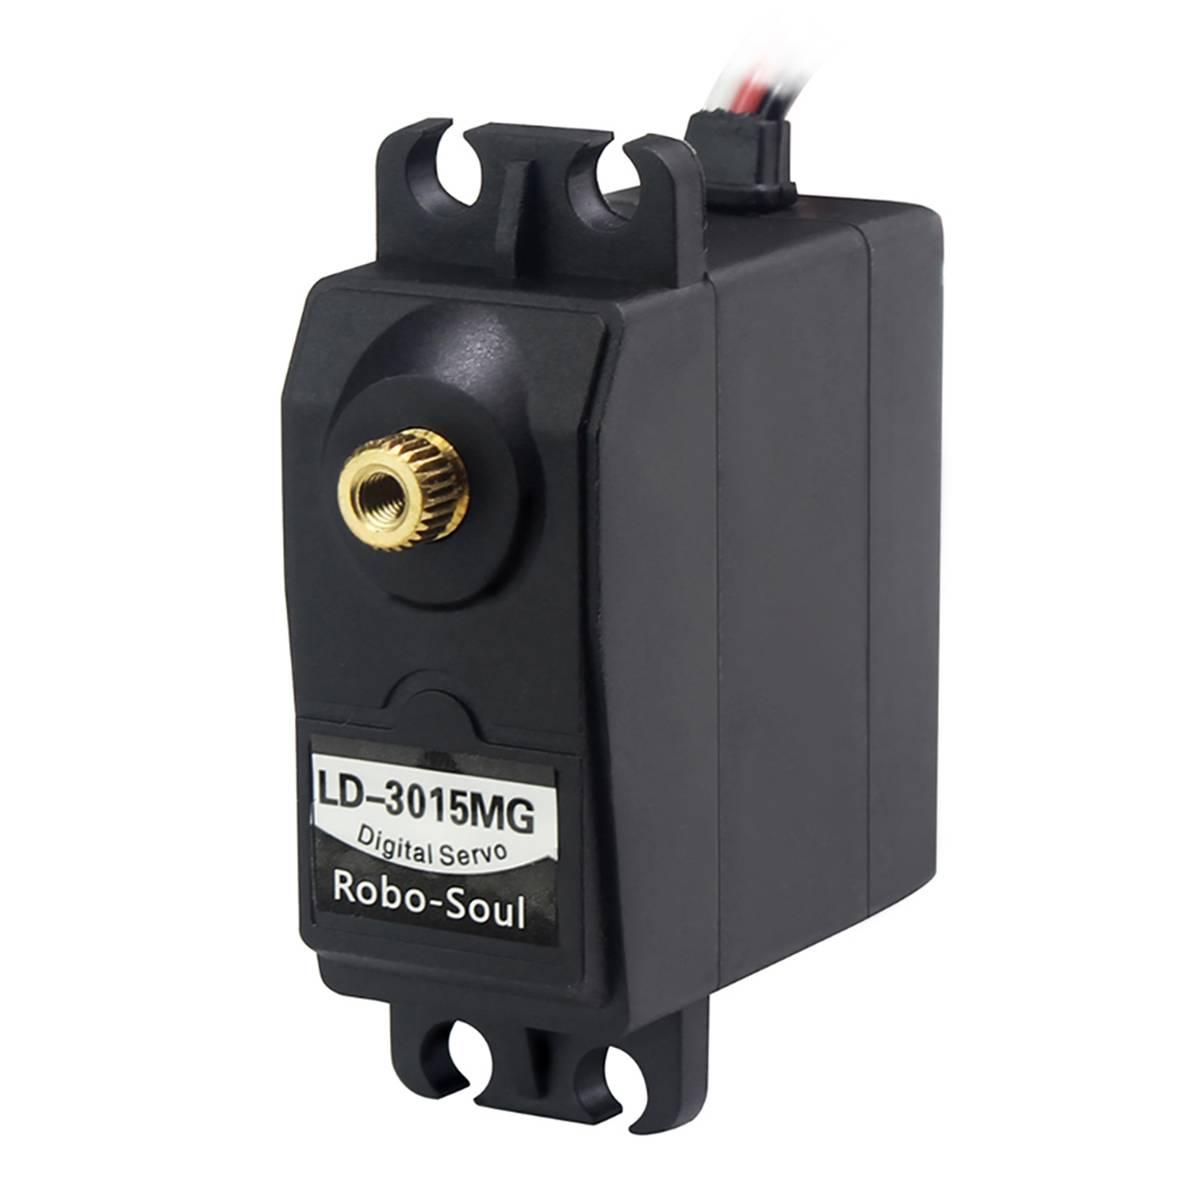 LD-3015MG